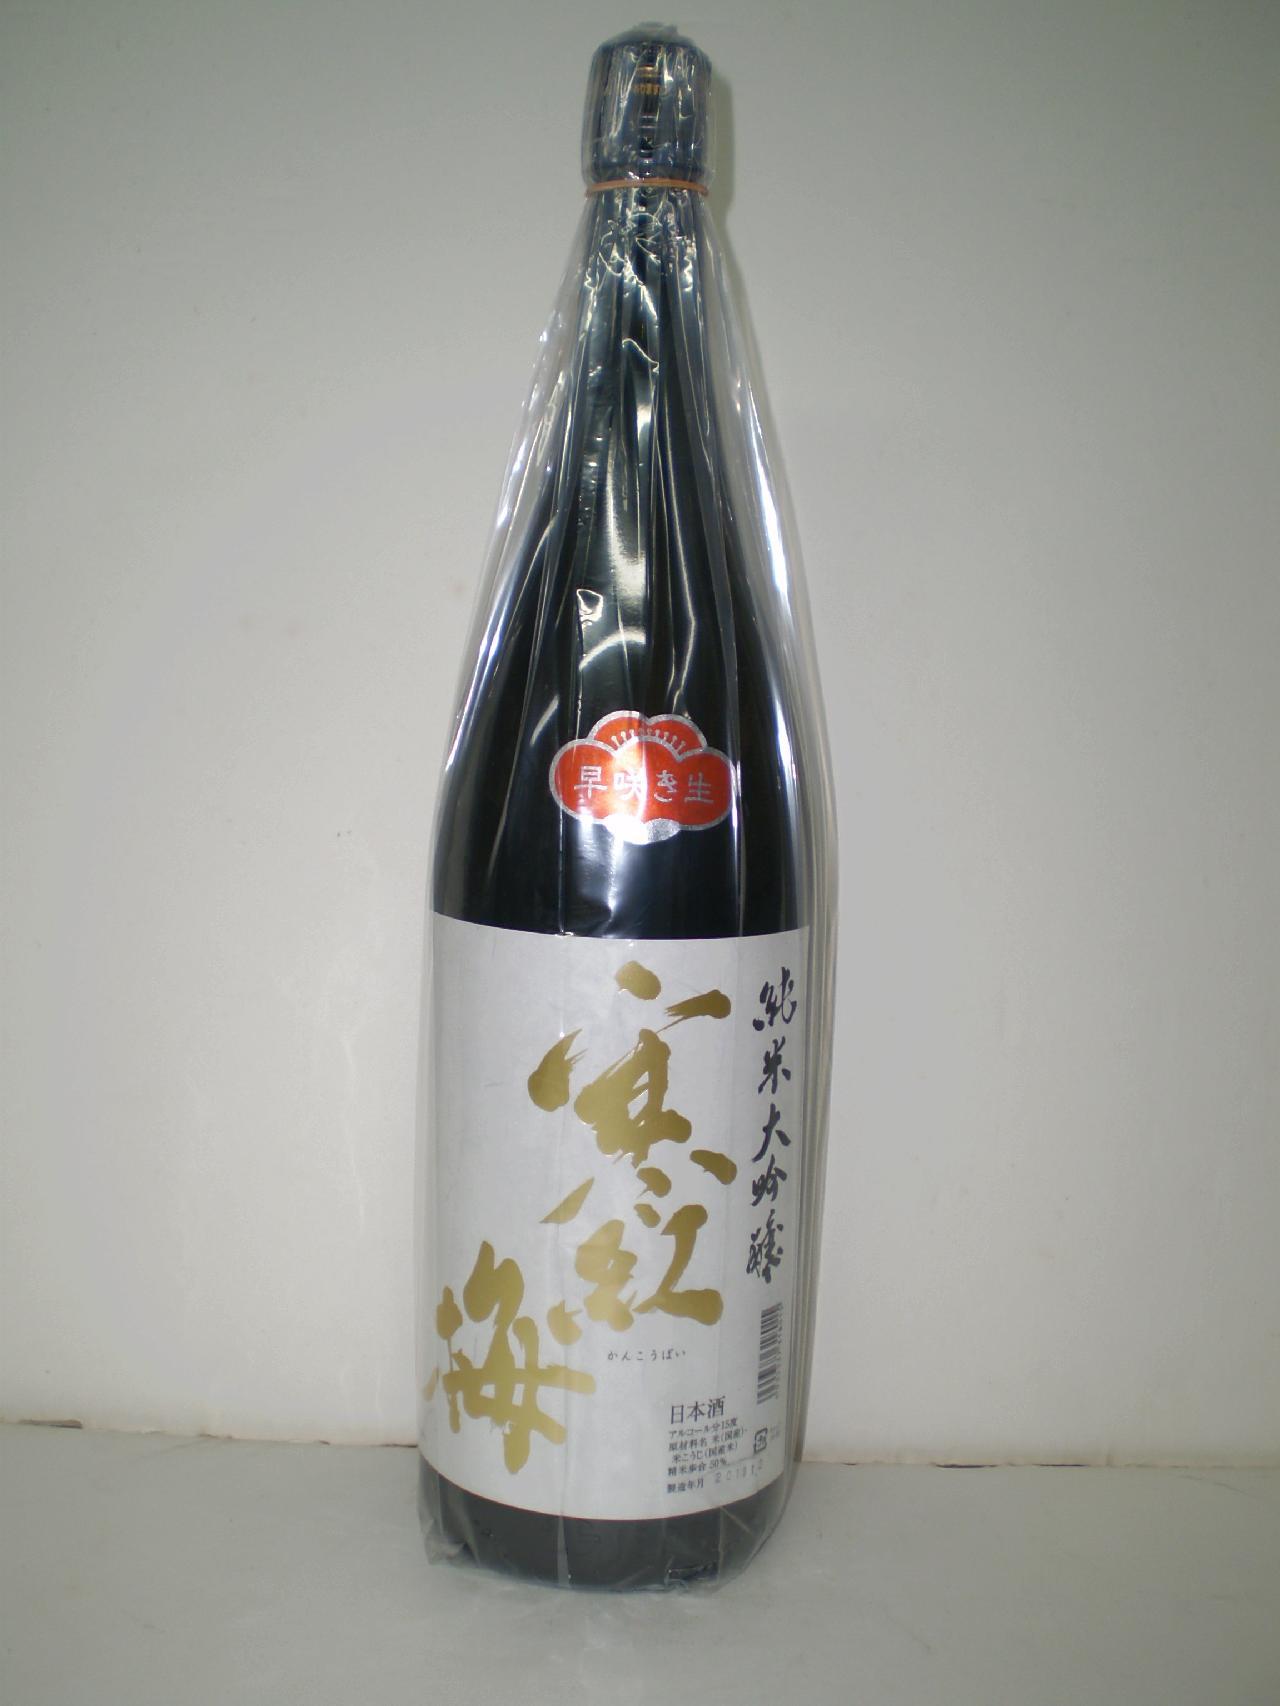 寒紅梅 純米大吟醸生 朝日 1800ml 寒紅梅酒造